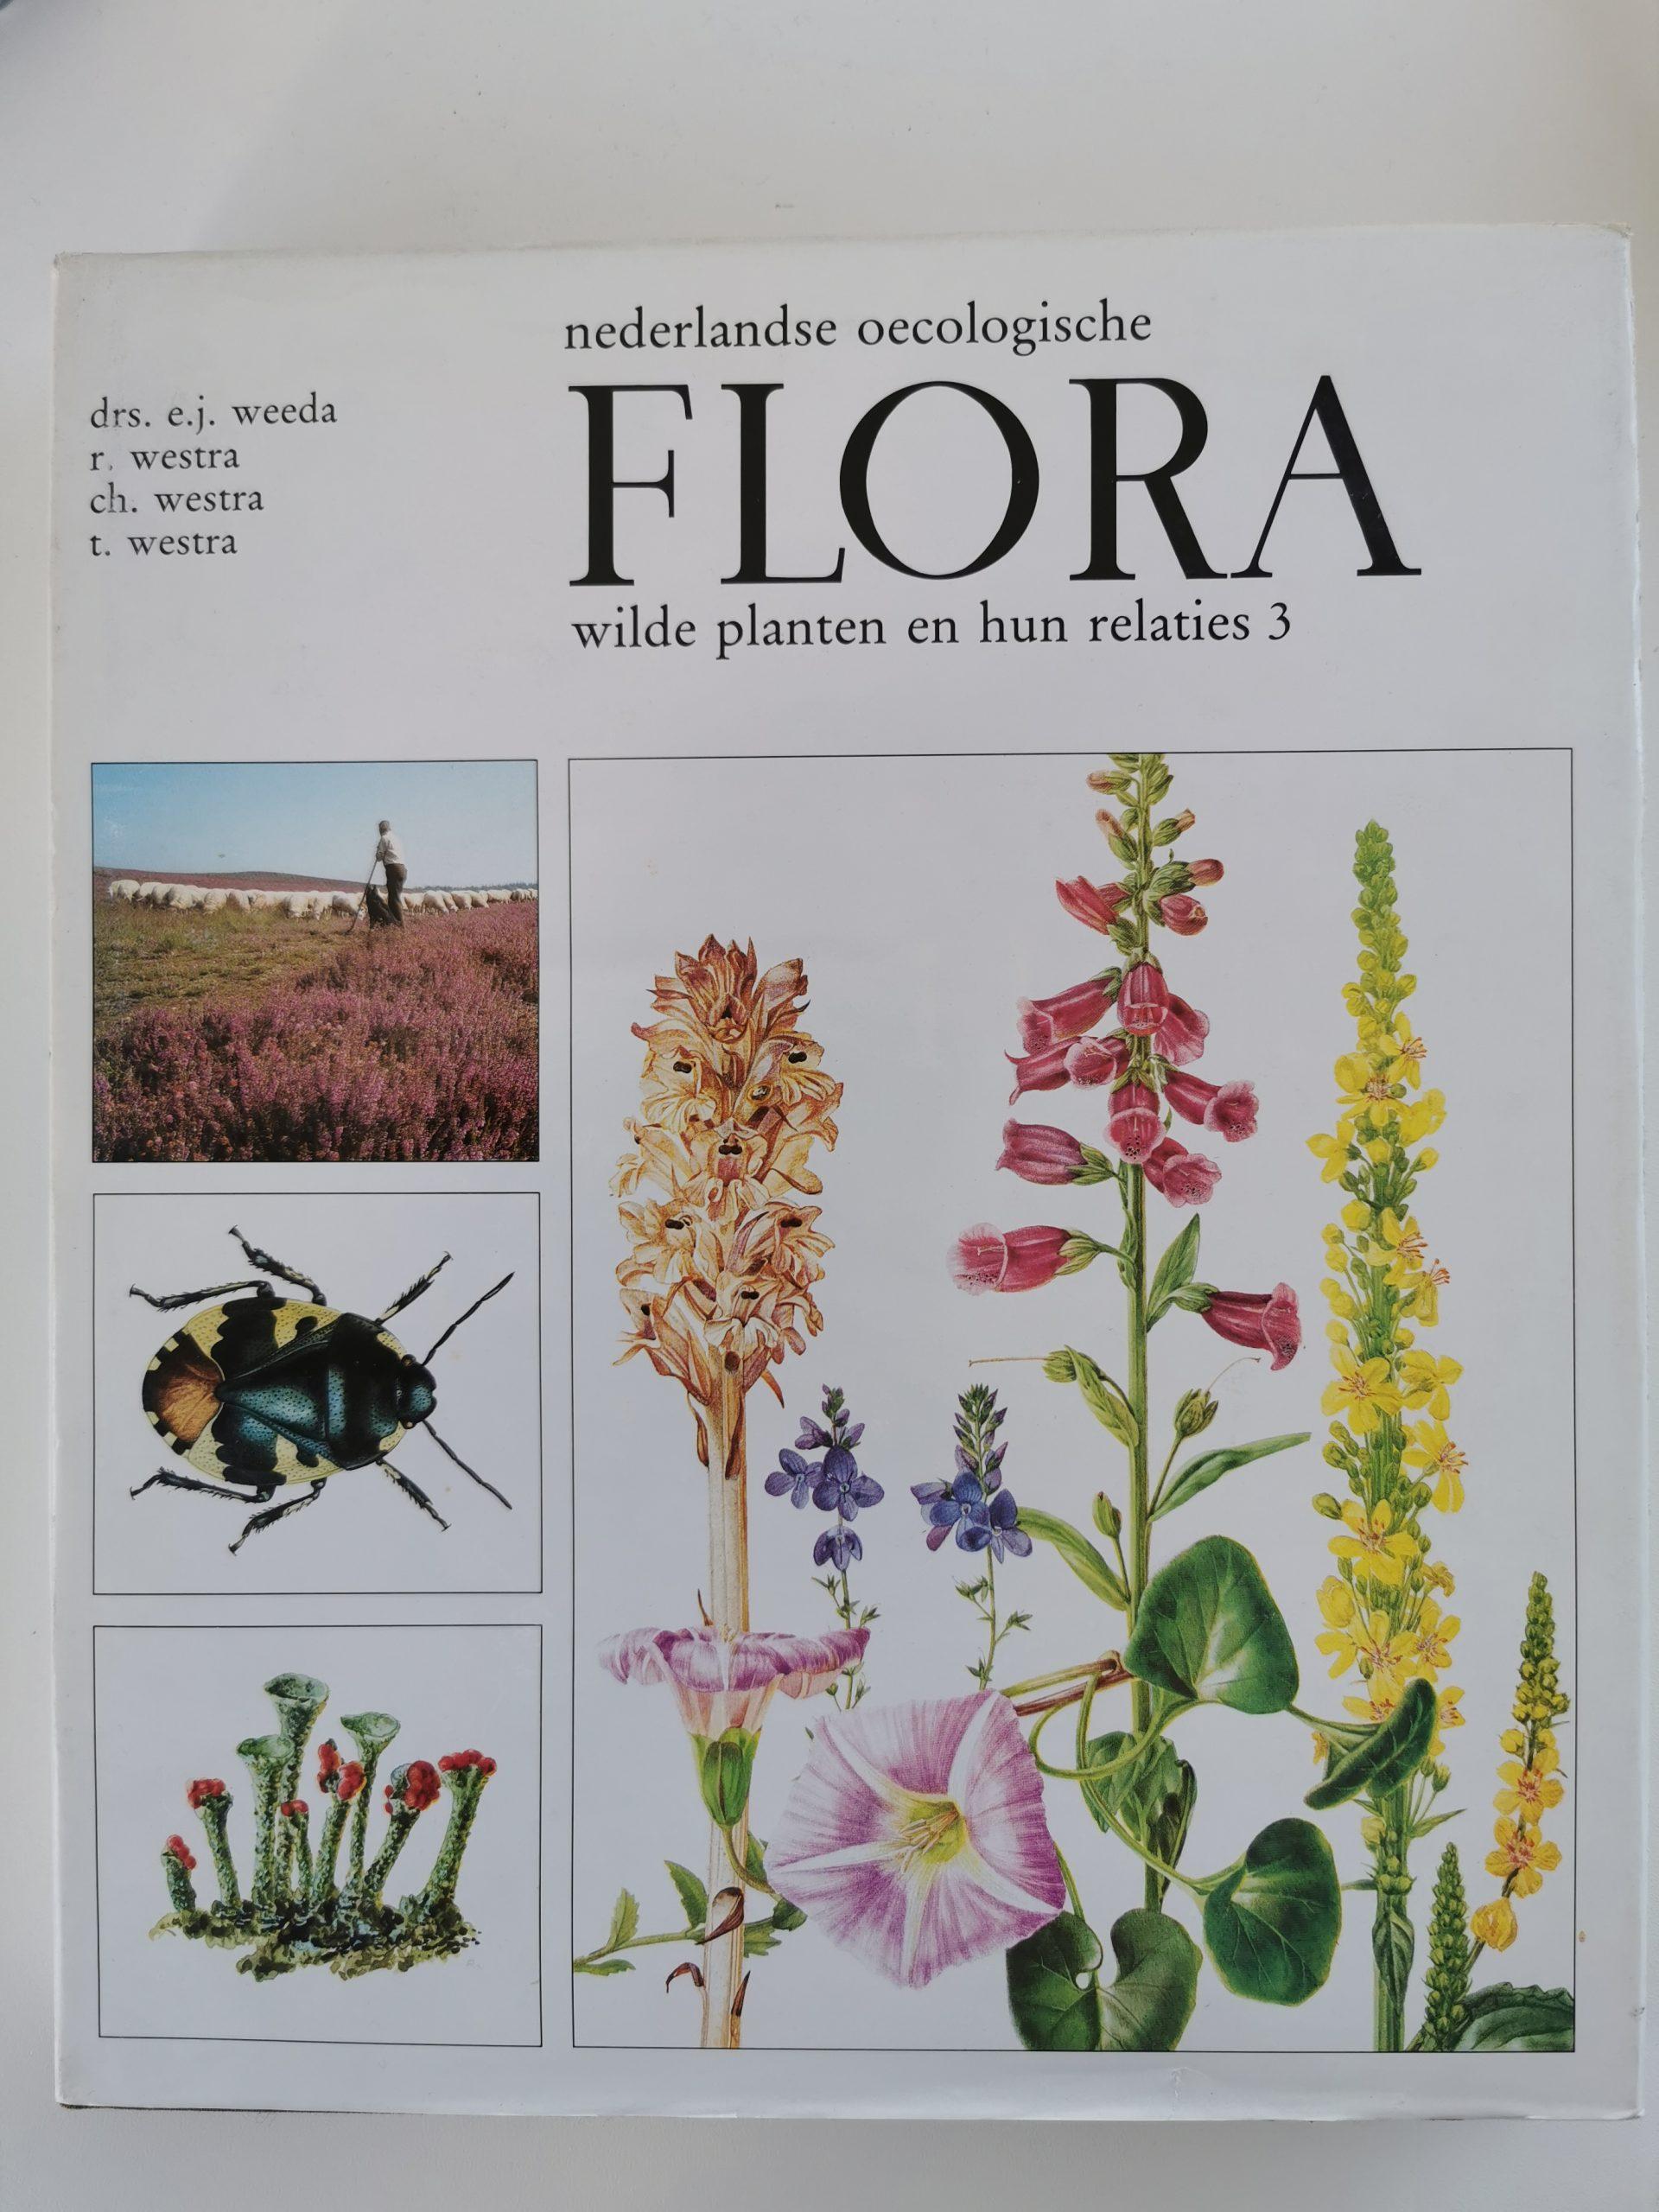 Nederlandse oecologische flora, wilde planten en hun relaties 3